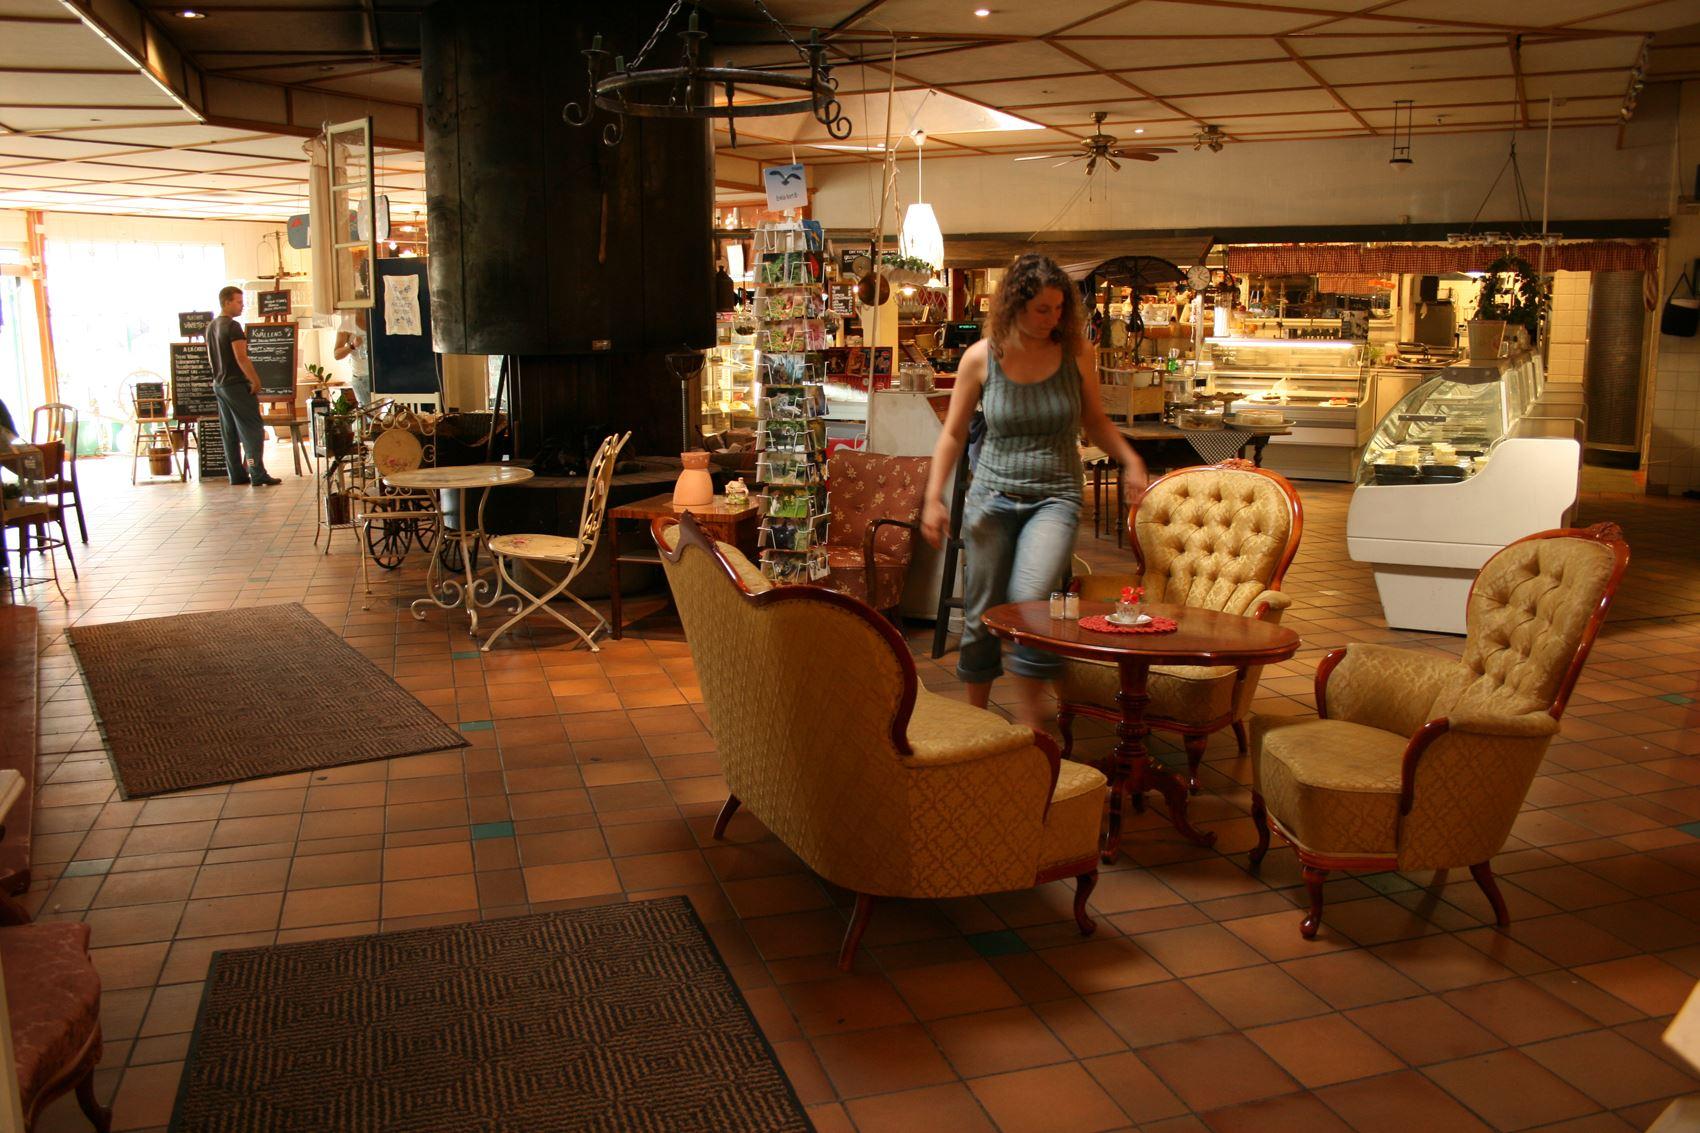 Dalahästen Restaurant and catering